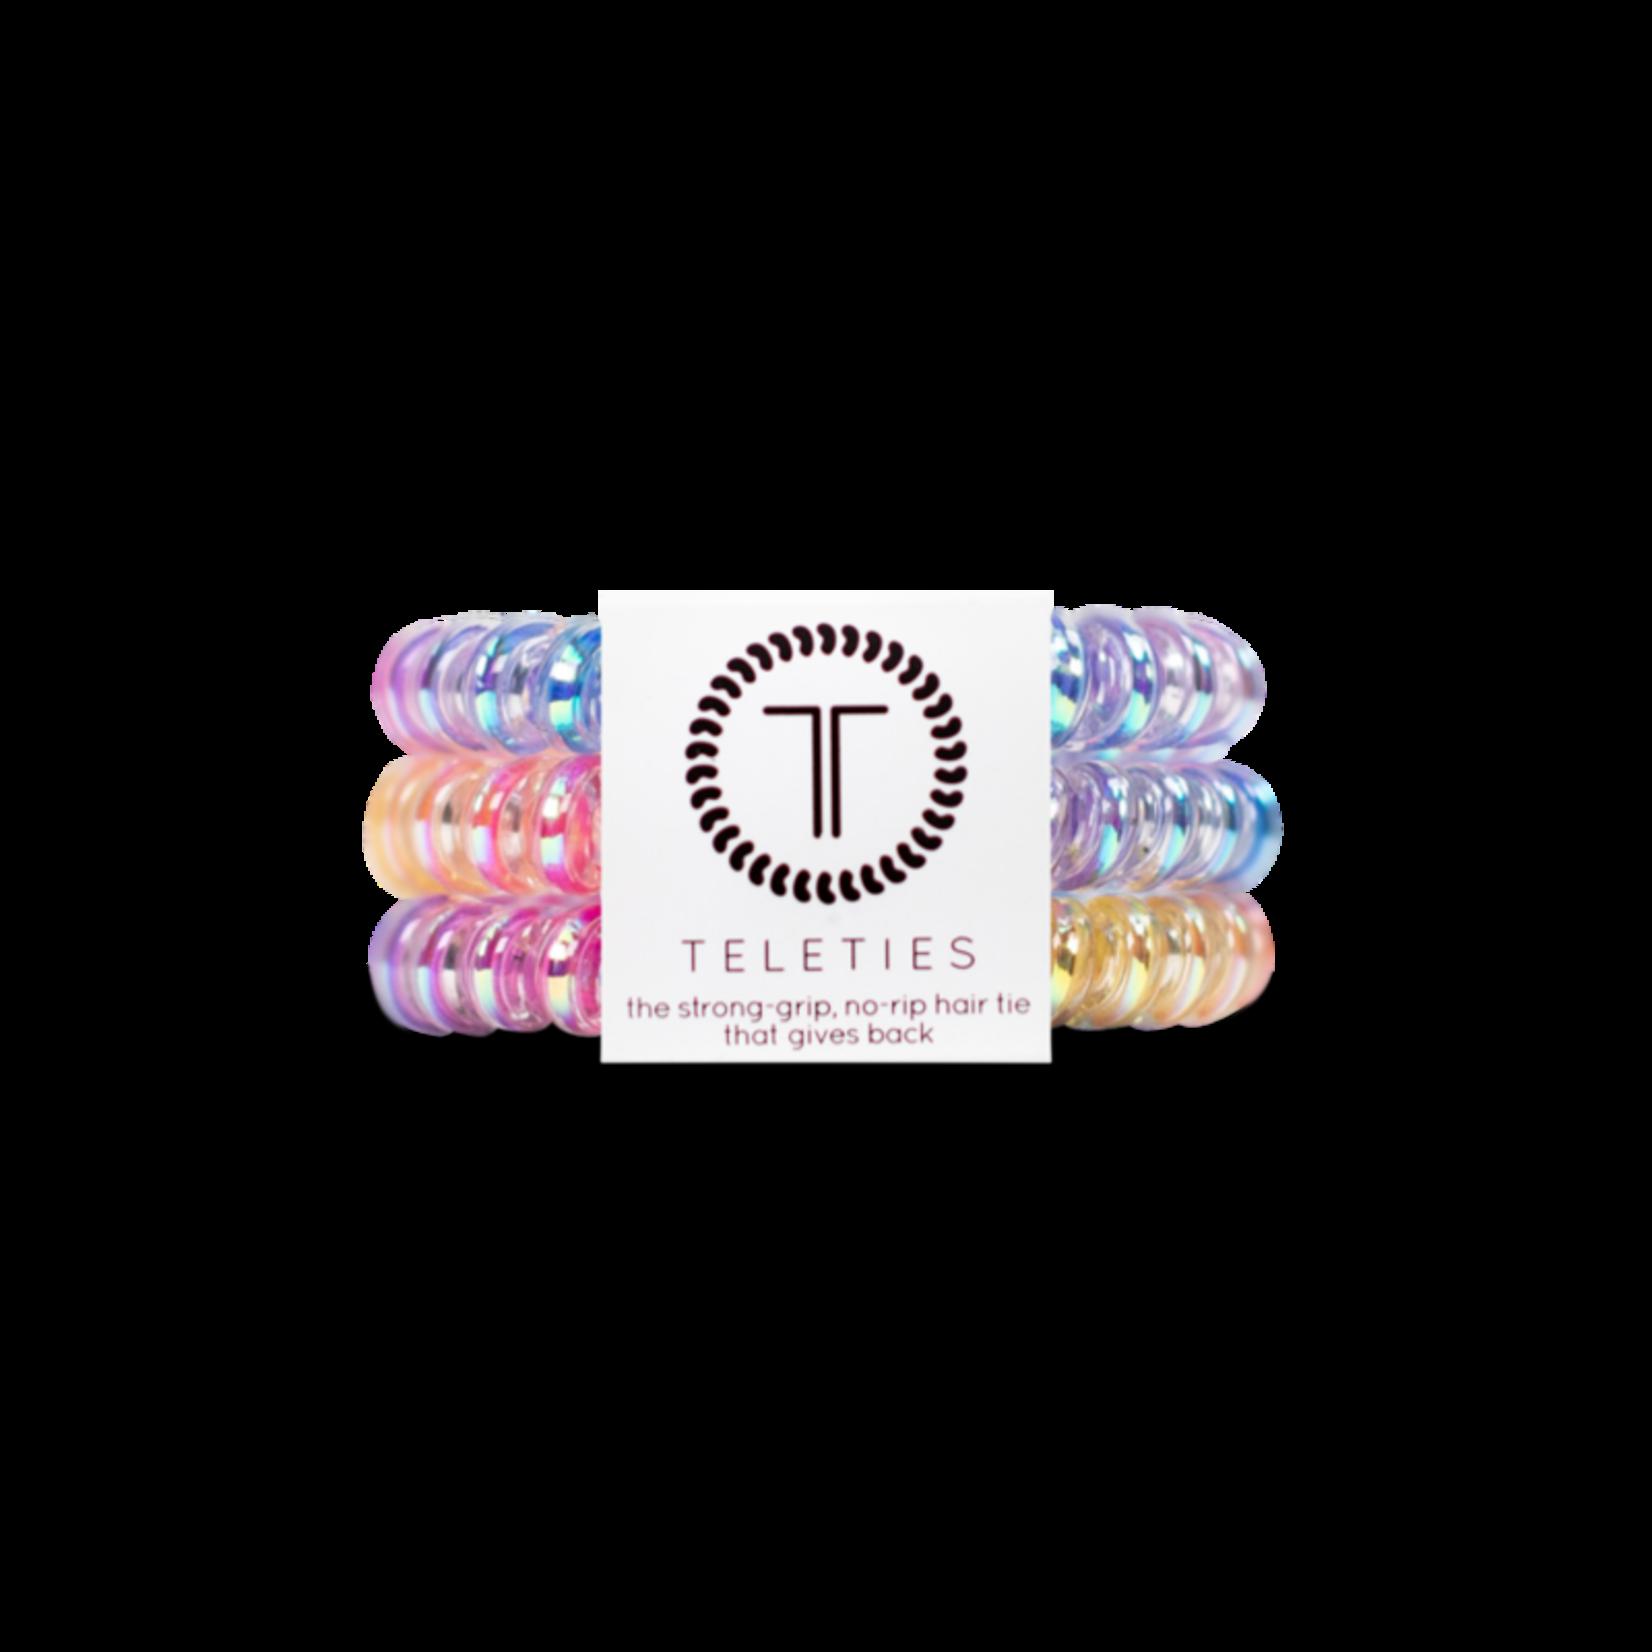 TELETIES Eat Glitter for Breakfast 3-pack